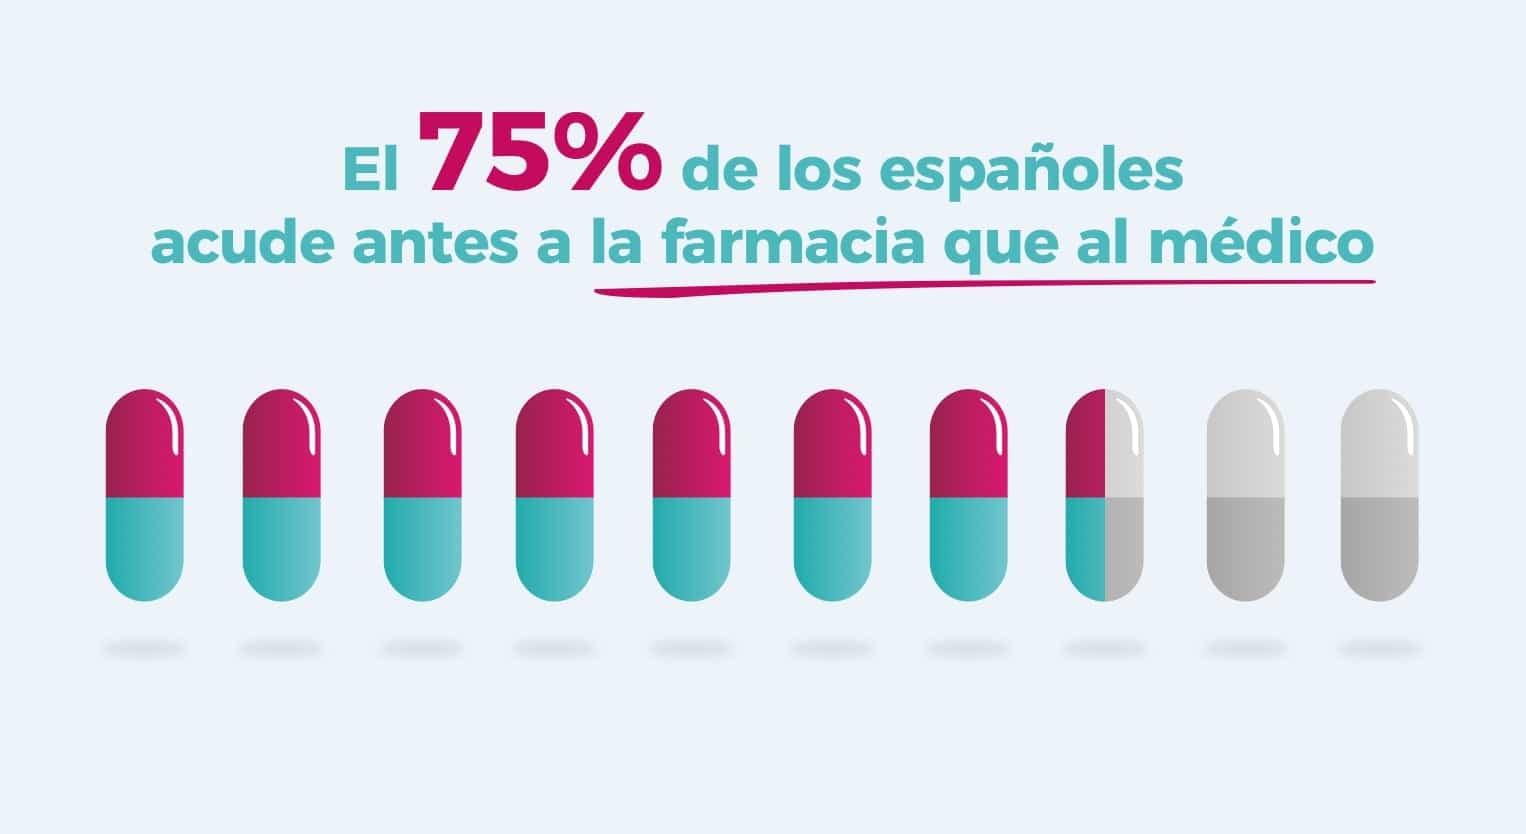 farmacia medico